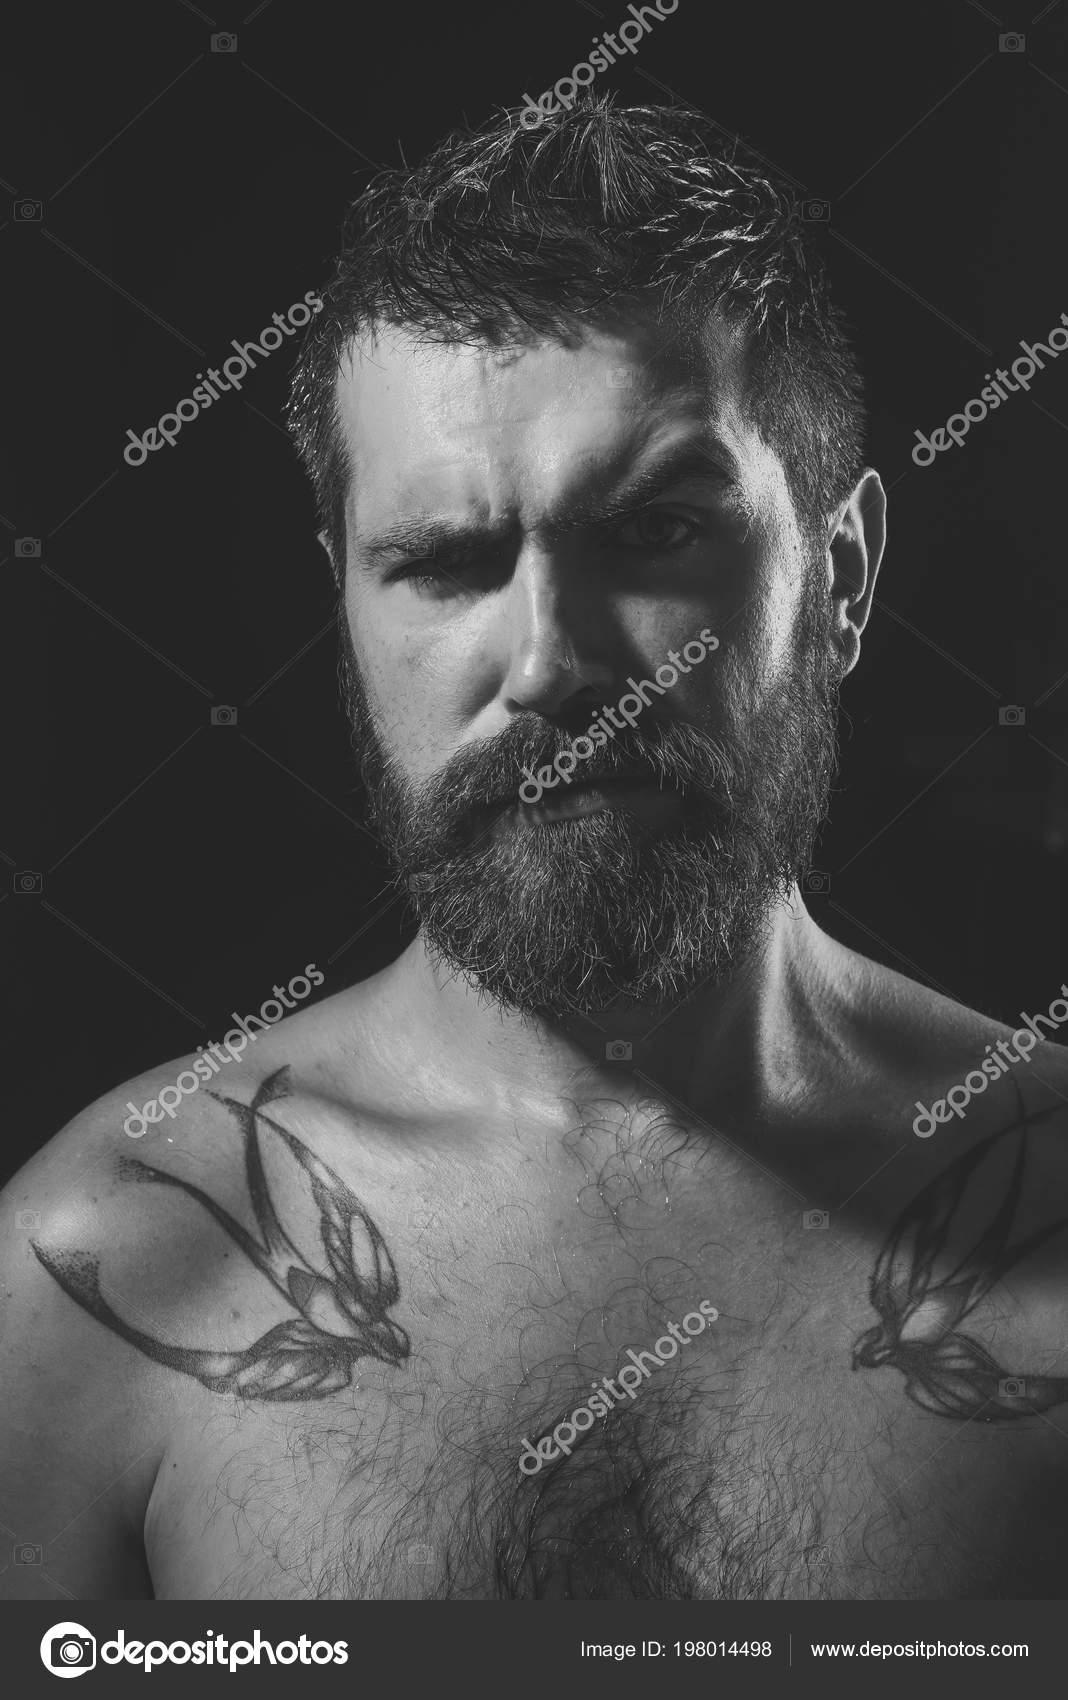 barbes et tatouages datant site rencontre quelqu'un de nouveau après la rupture